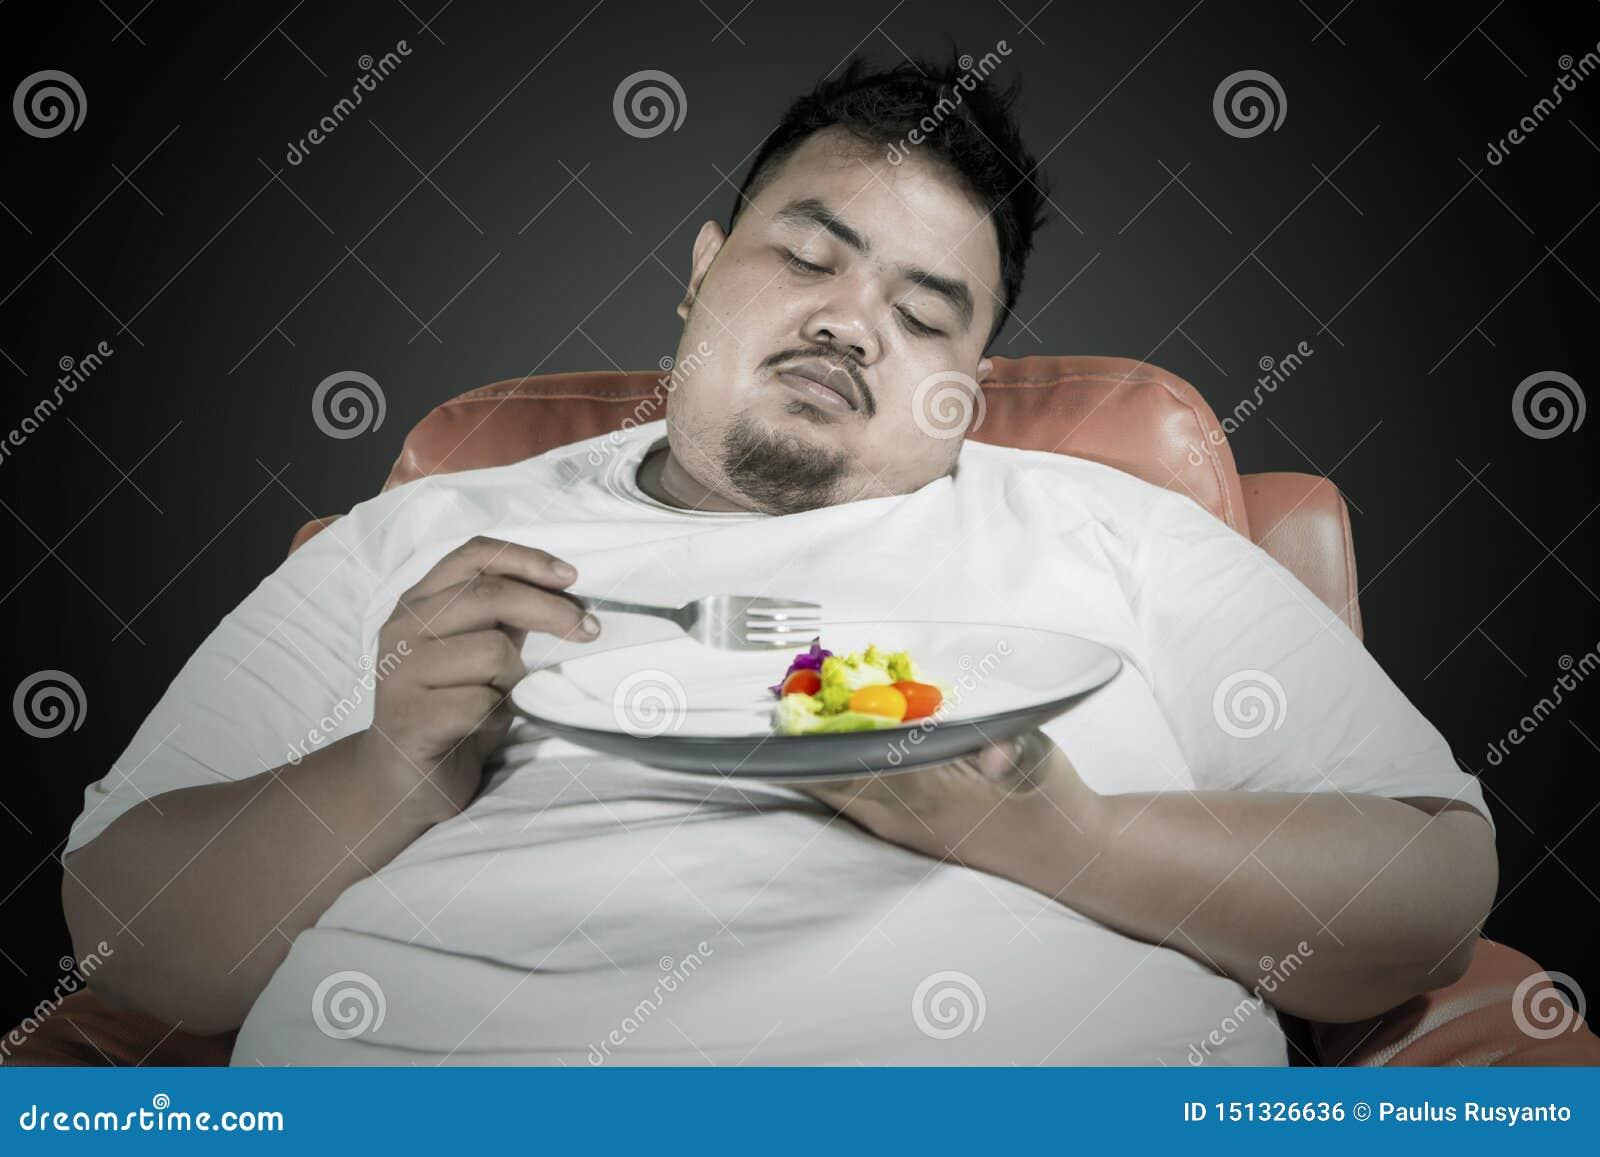 O homem excesso de peso preguiçoso come o alimento saudável